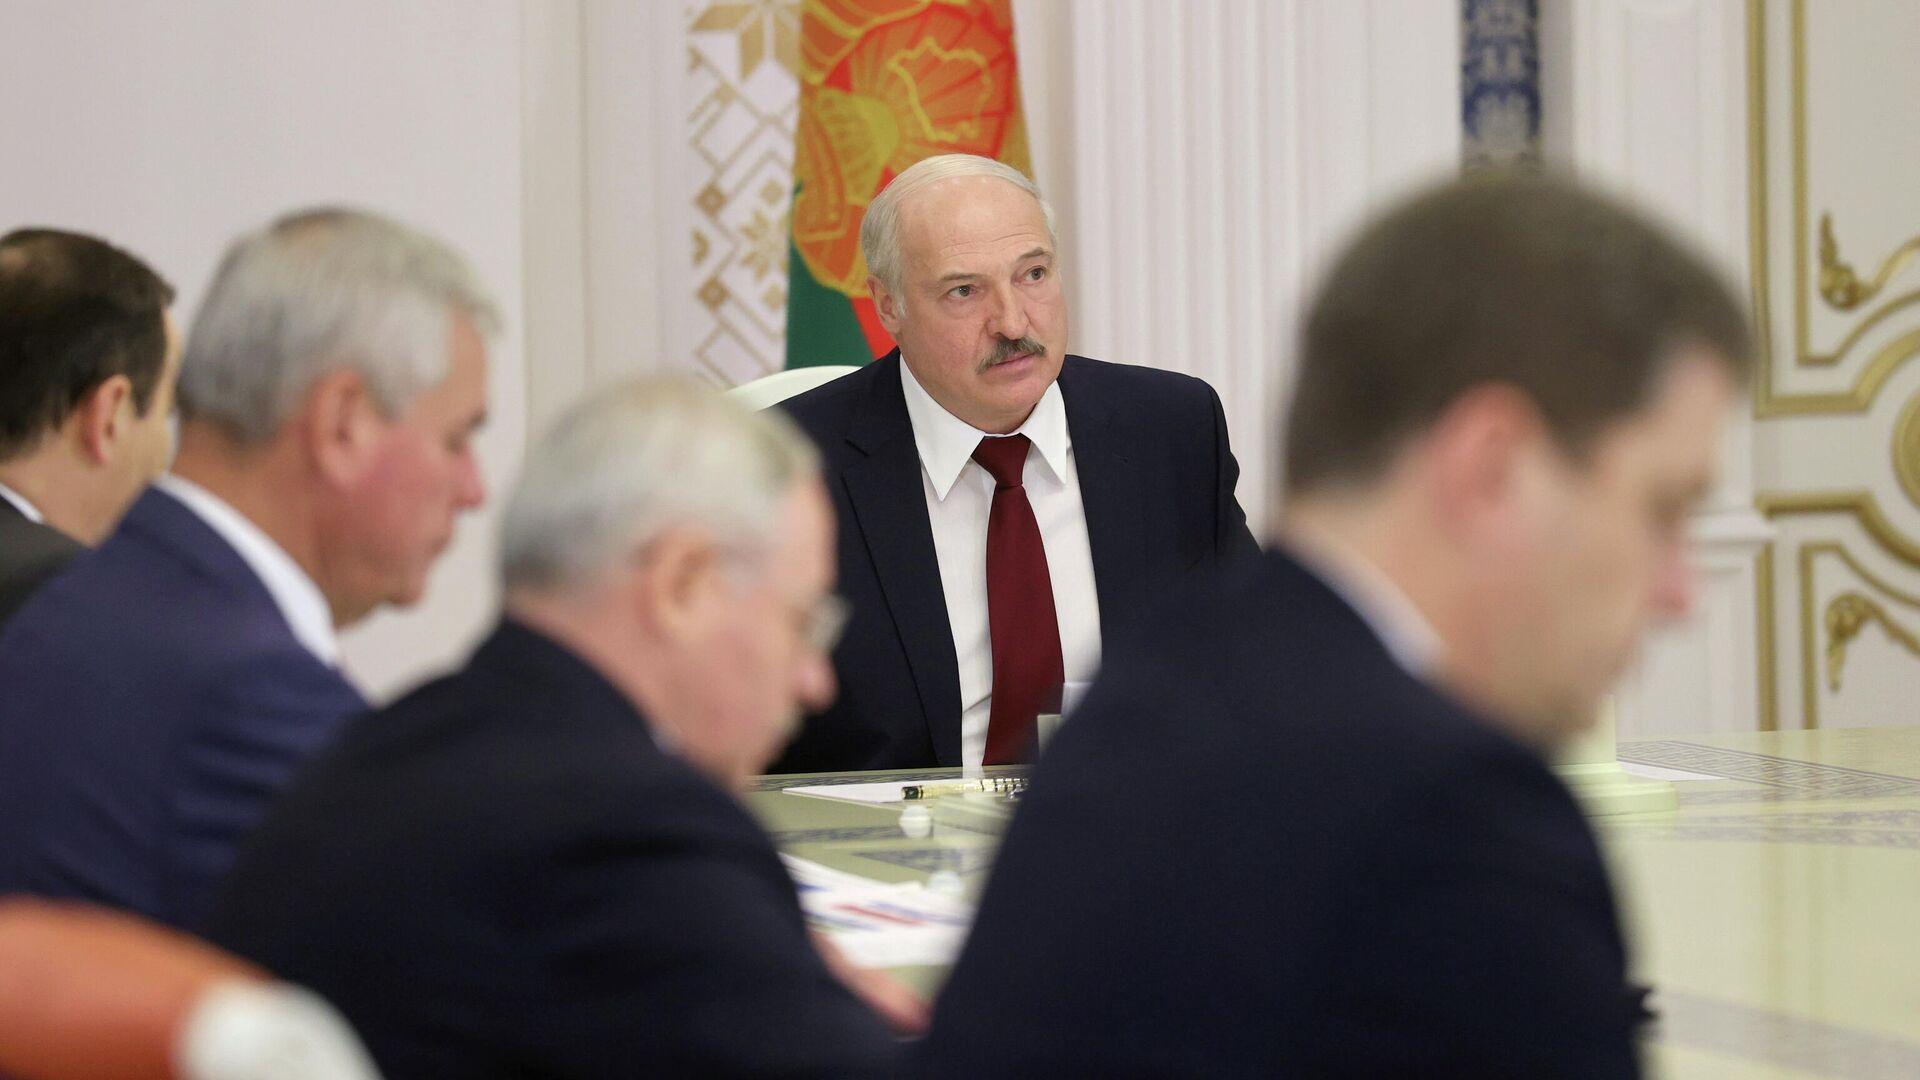 Президент Белоруссии Александр Лукашенко во время совещания в Минске. 27 октября 2020 - РИА Новости, 1920, 29.10.2020